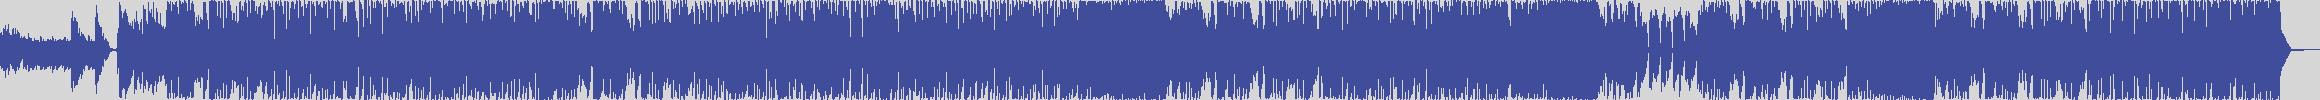 smilax_dig_records [SDR001] El Indomable Y Jose - Pegate Al Muro [Original Mix] audio wave form